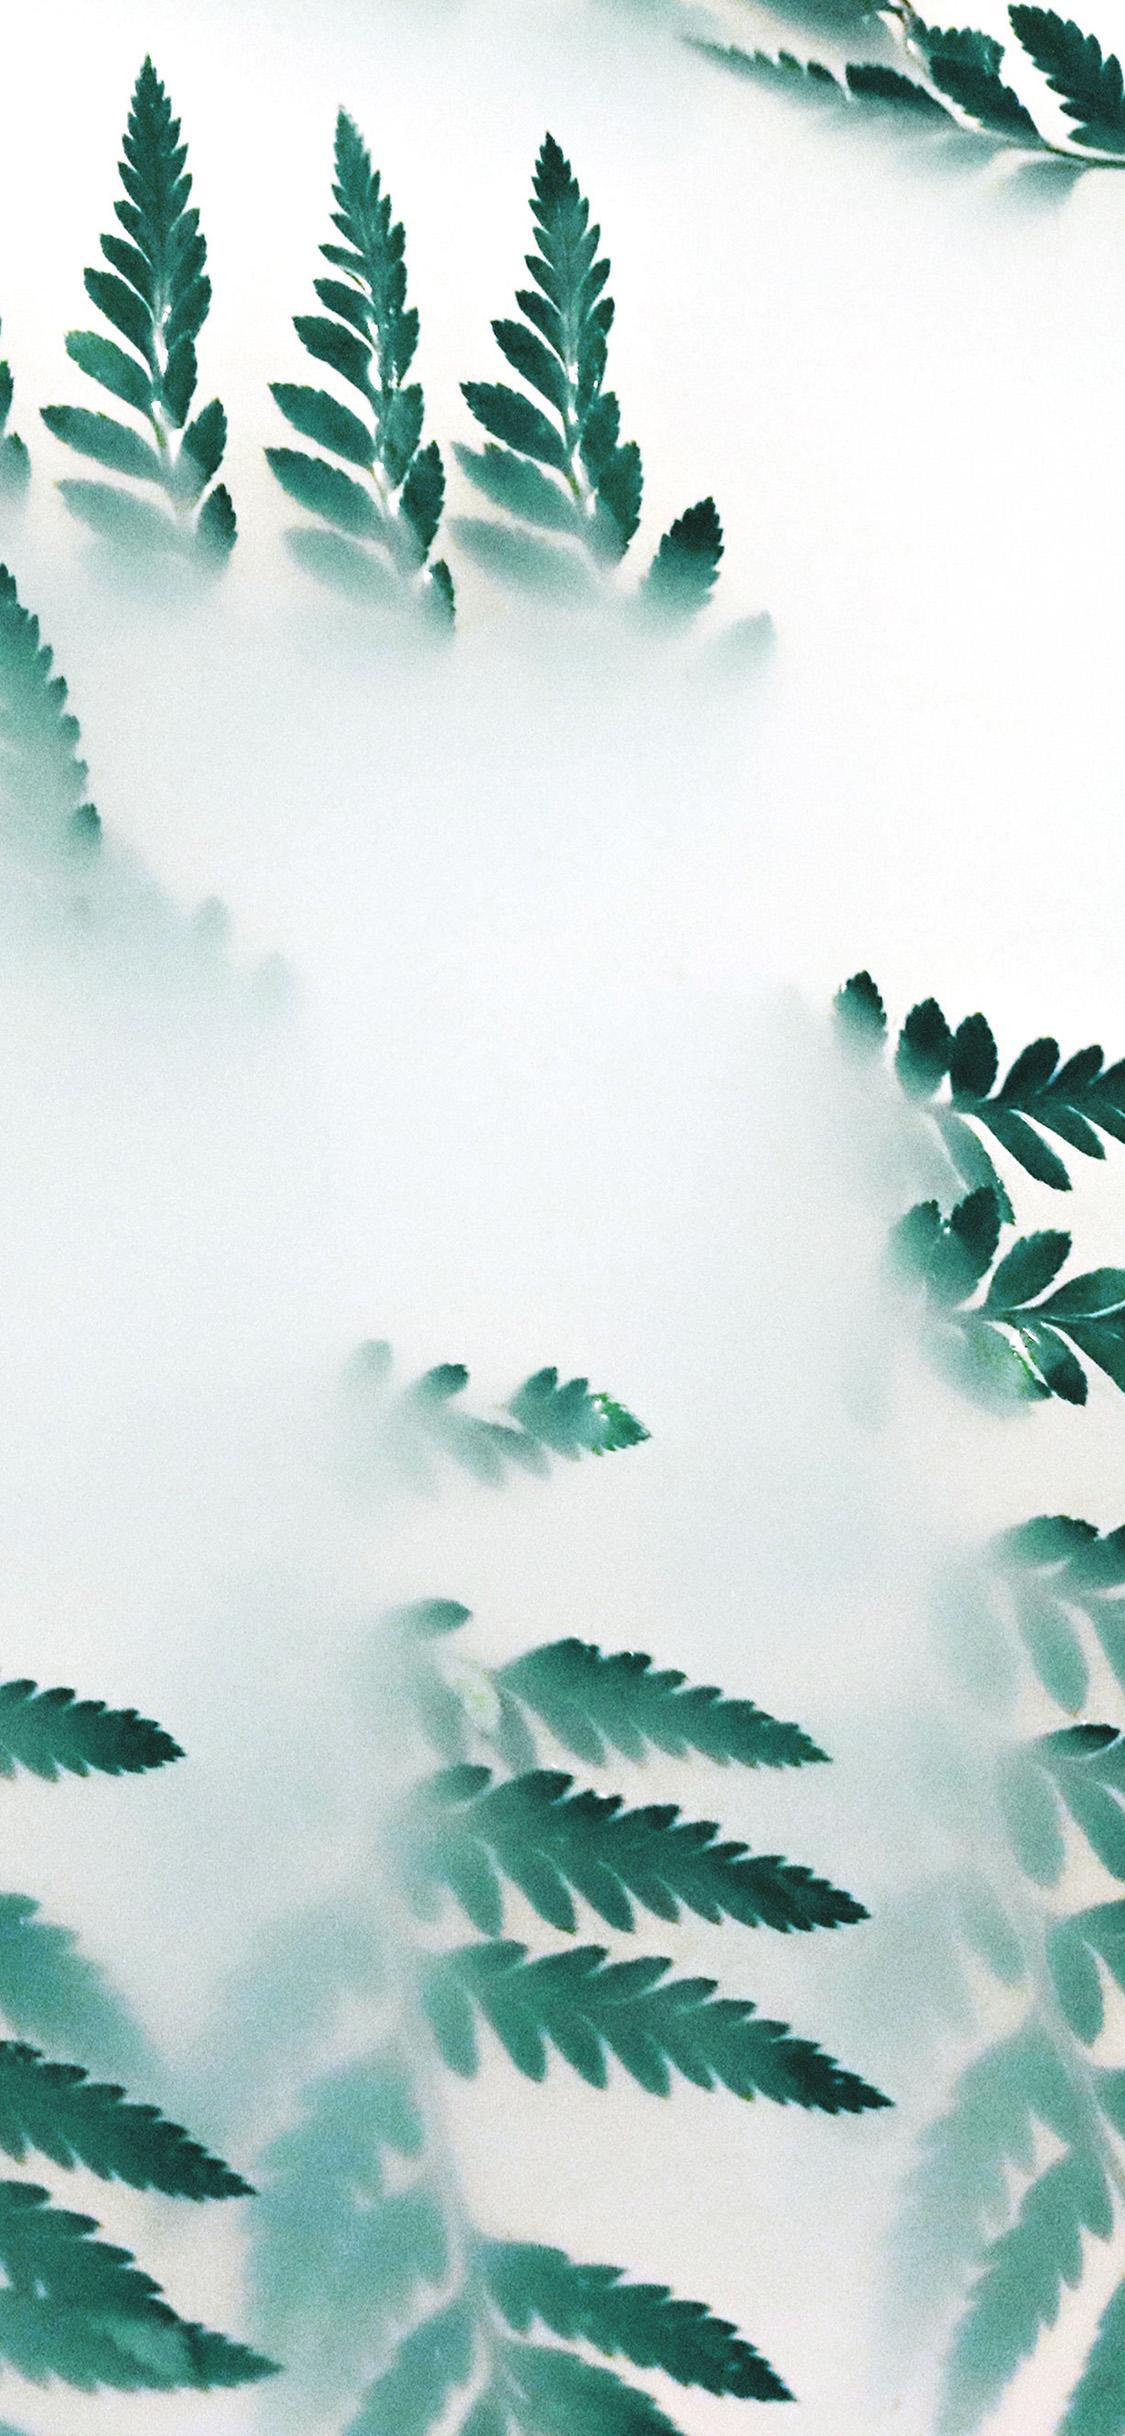 iPhonexpapers.com-Apple-iPhone-wallpaper-oc53-leaf-hip-minimal-tree-flower-simple-nature